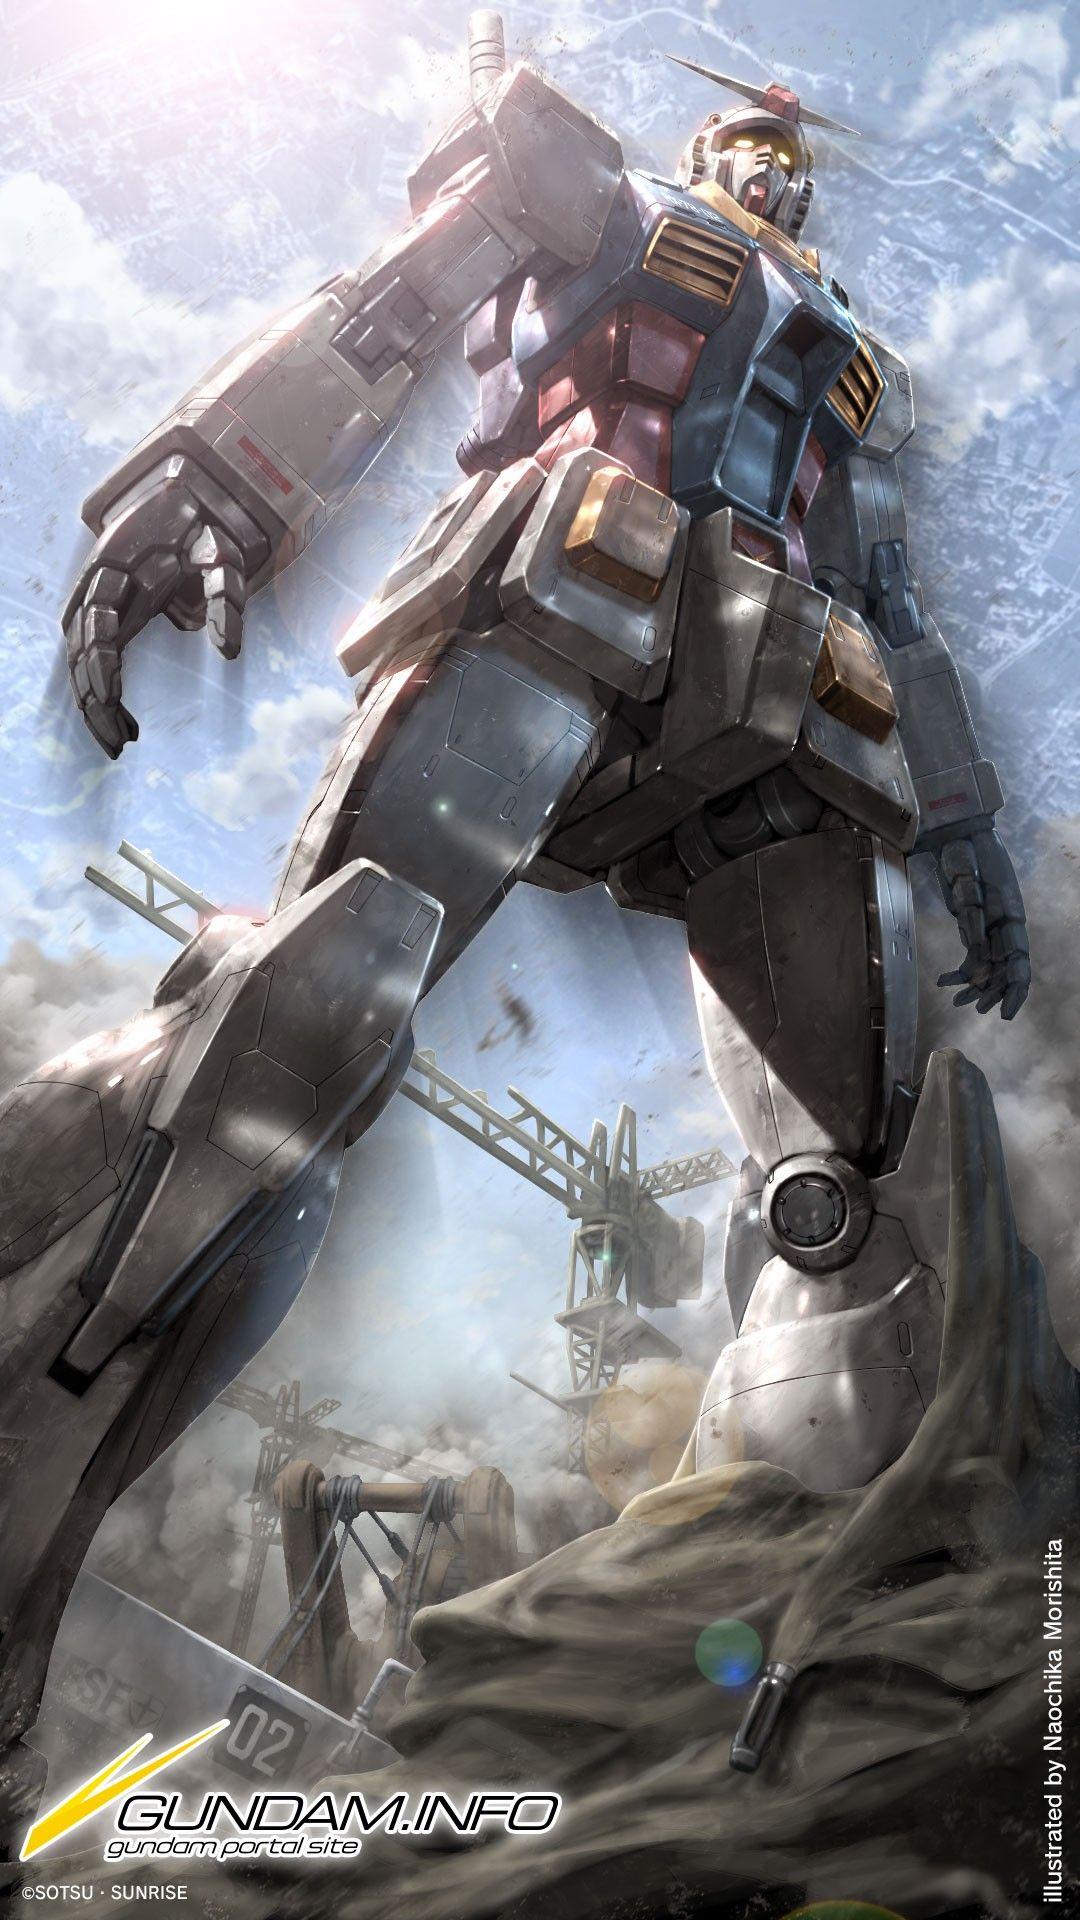 Gundam RX78 Origin Gundam.info Wallpaper Lukisan, Mobil